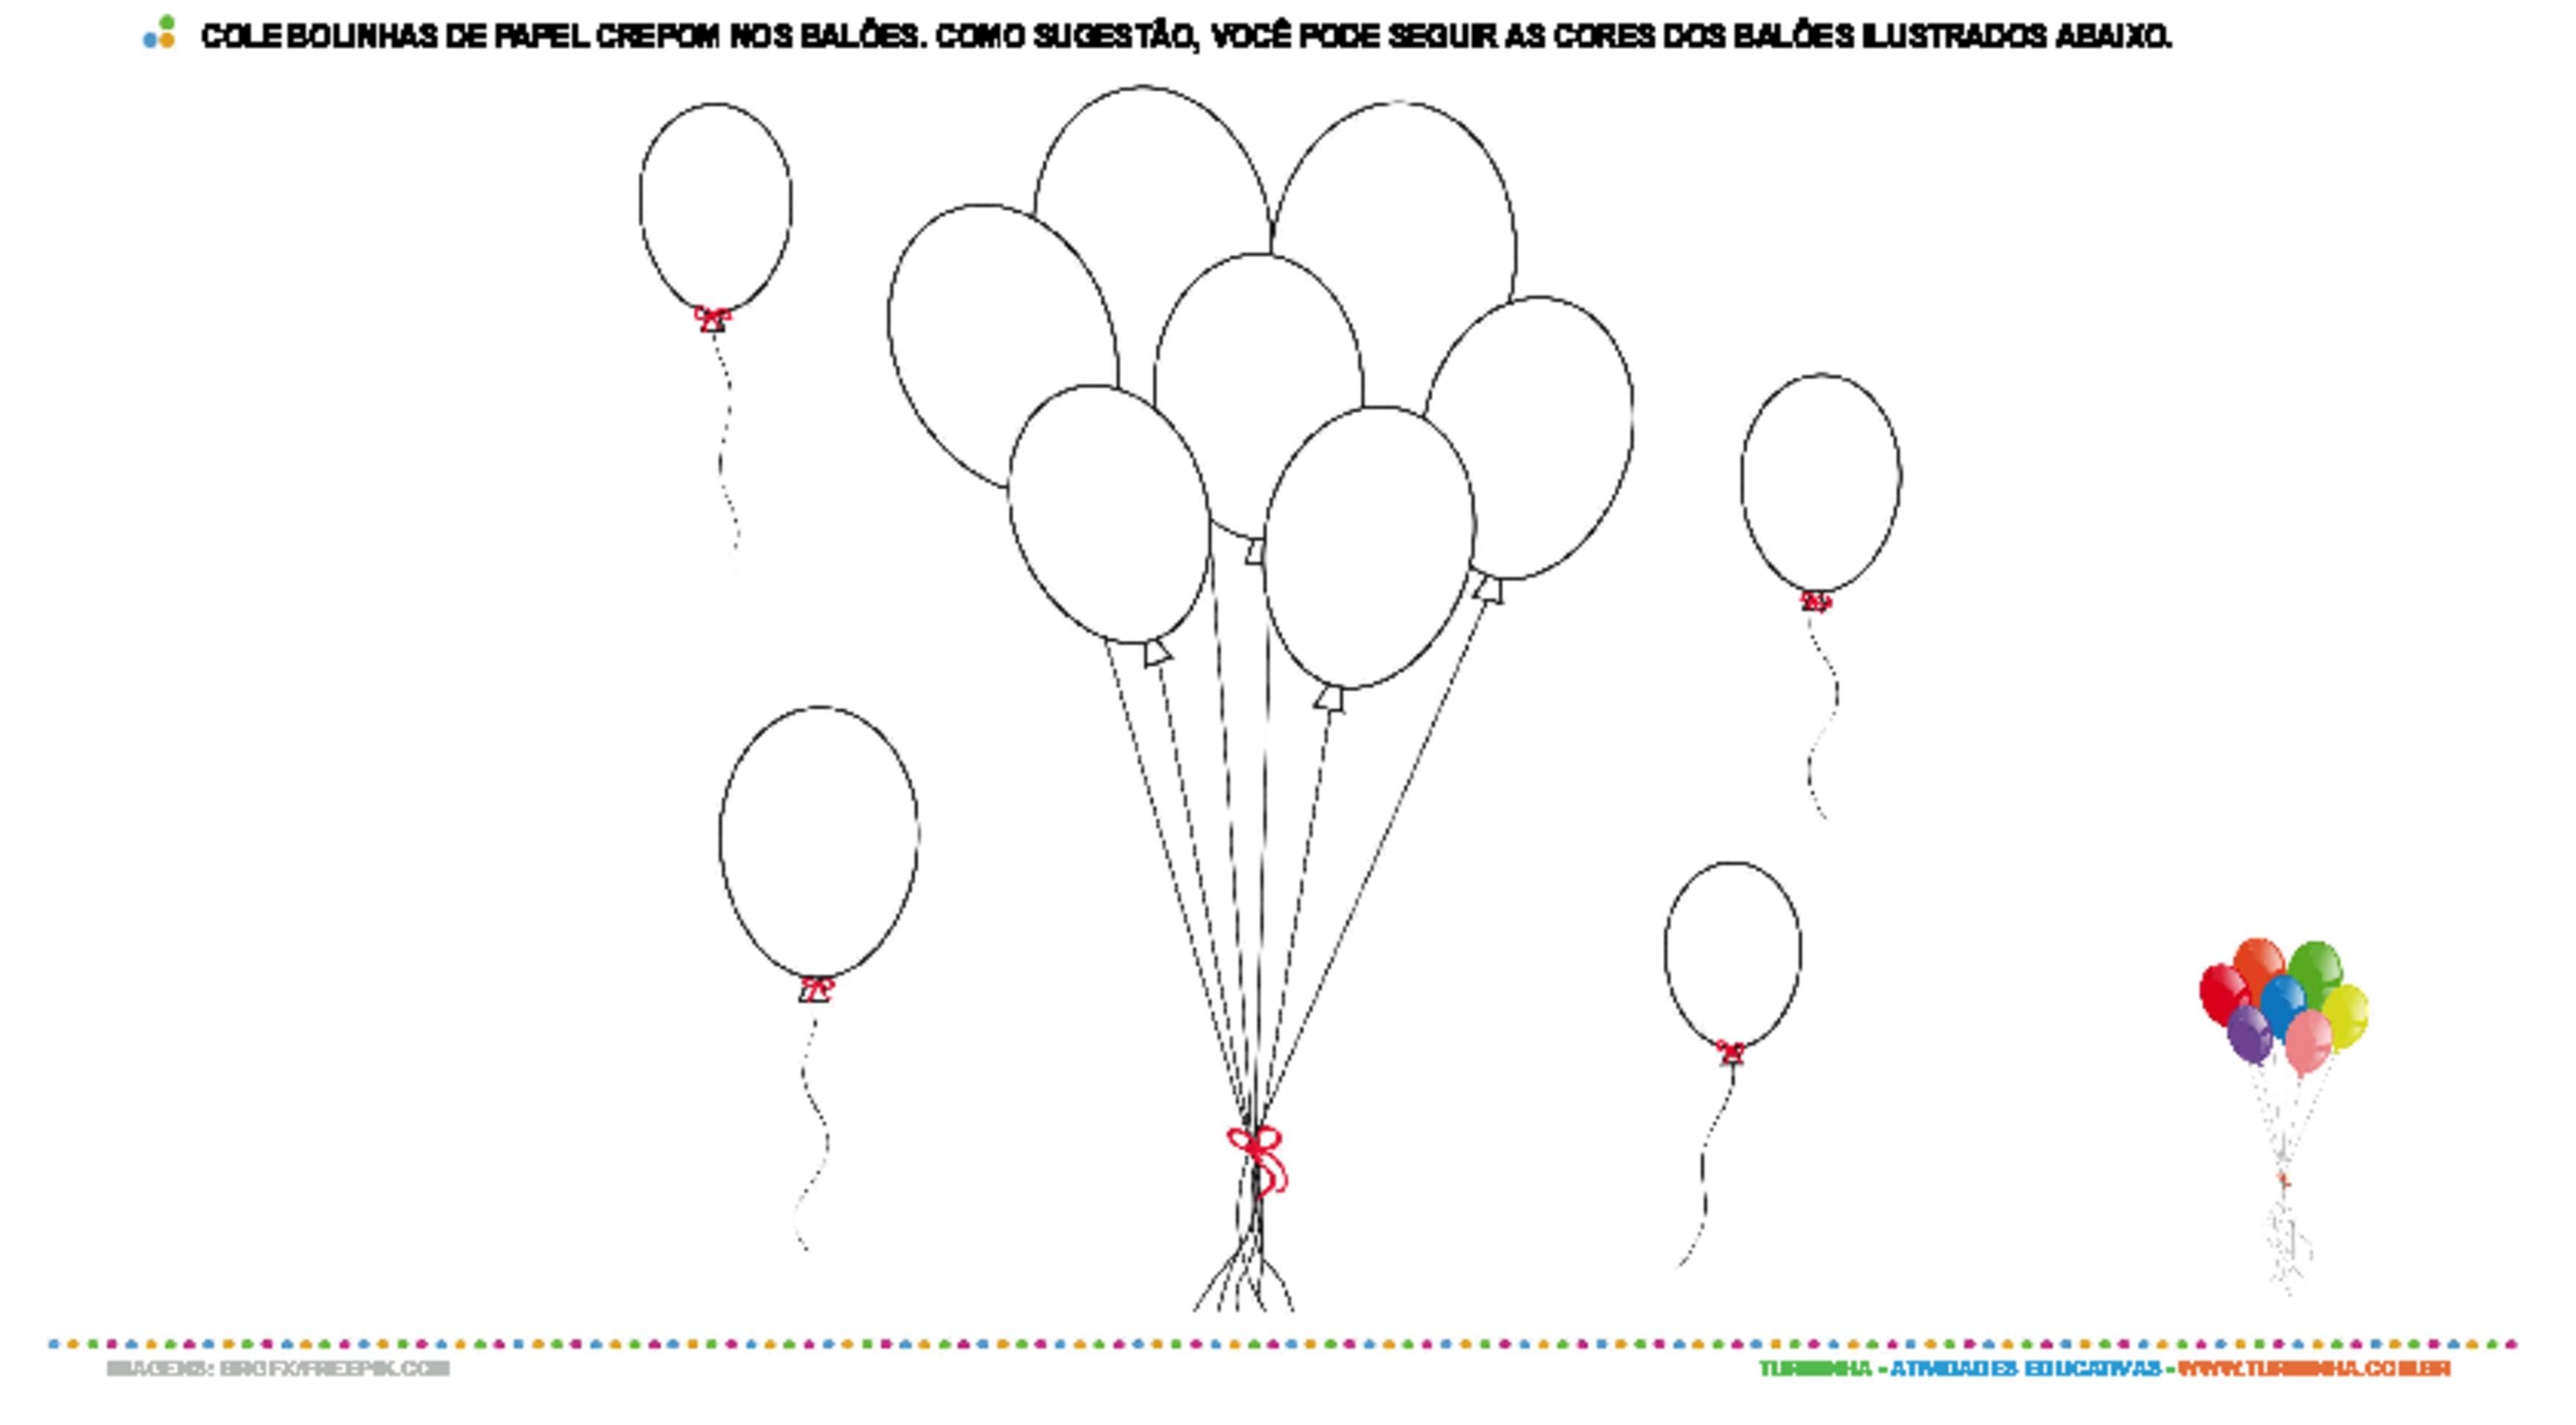 Balões com bolinhas de papel crepom - atividade educativa para Creche (0 a 3 anos)